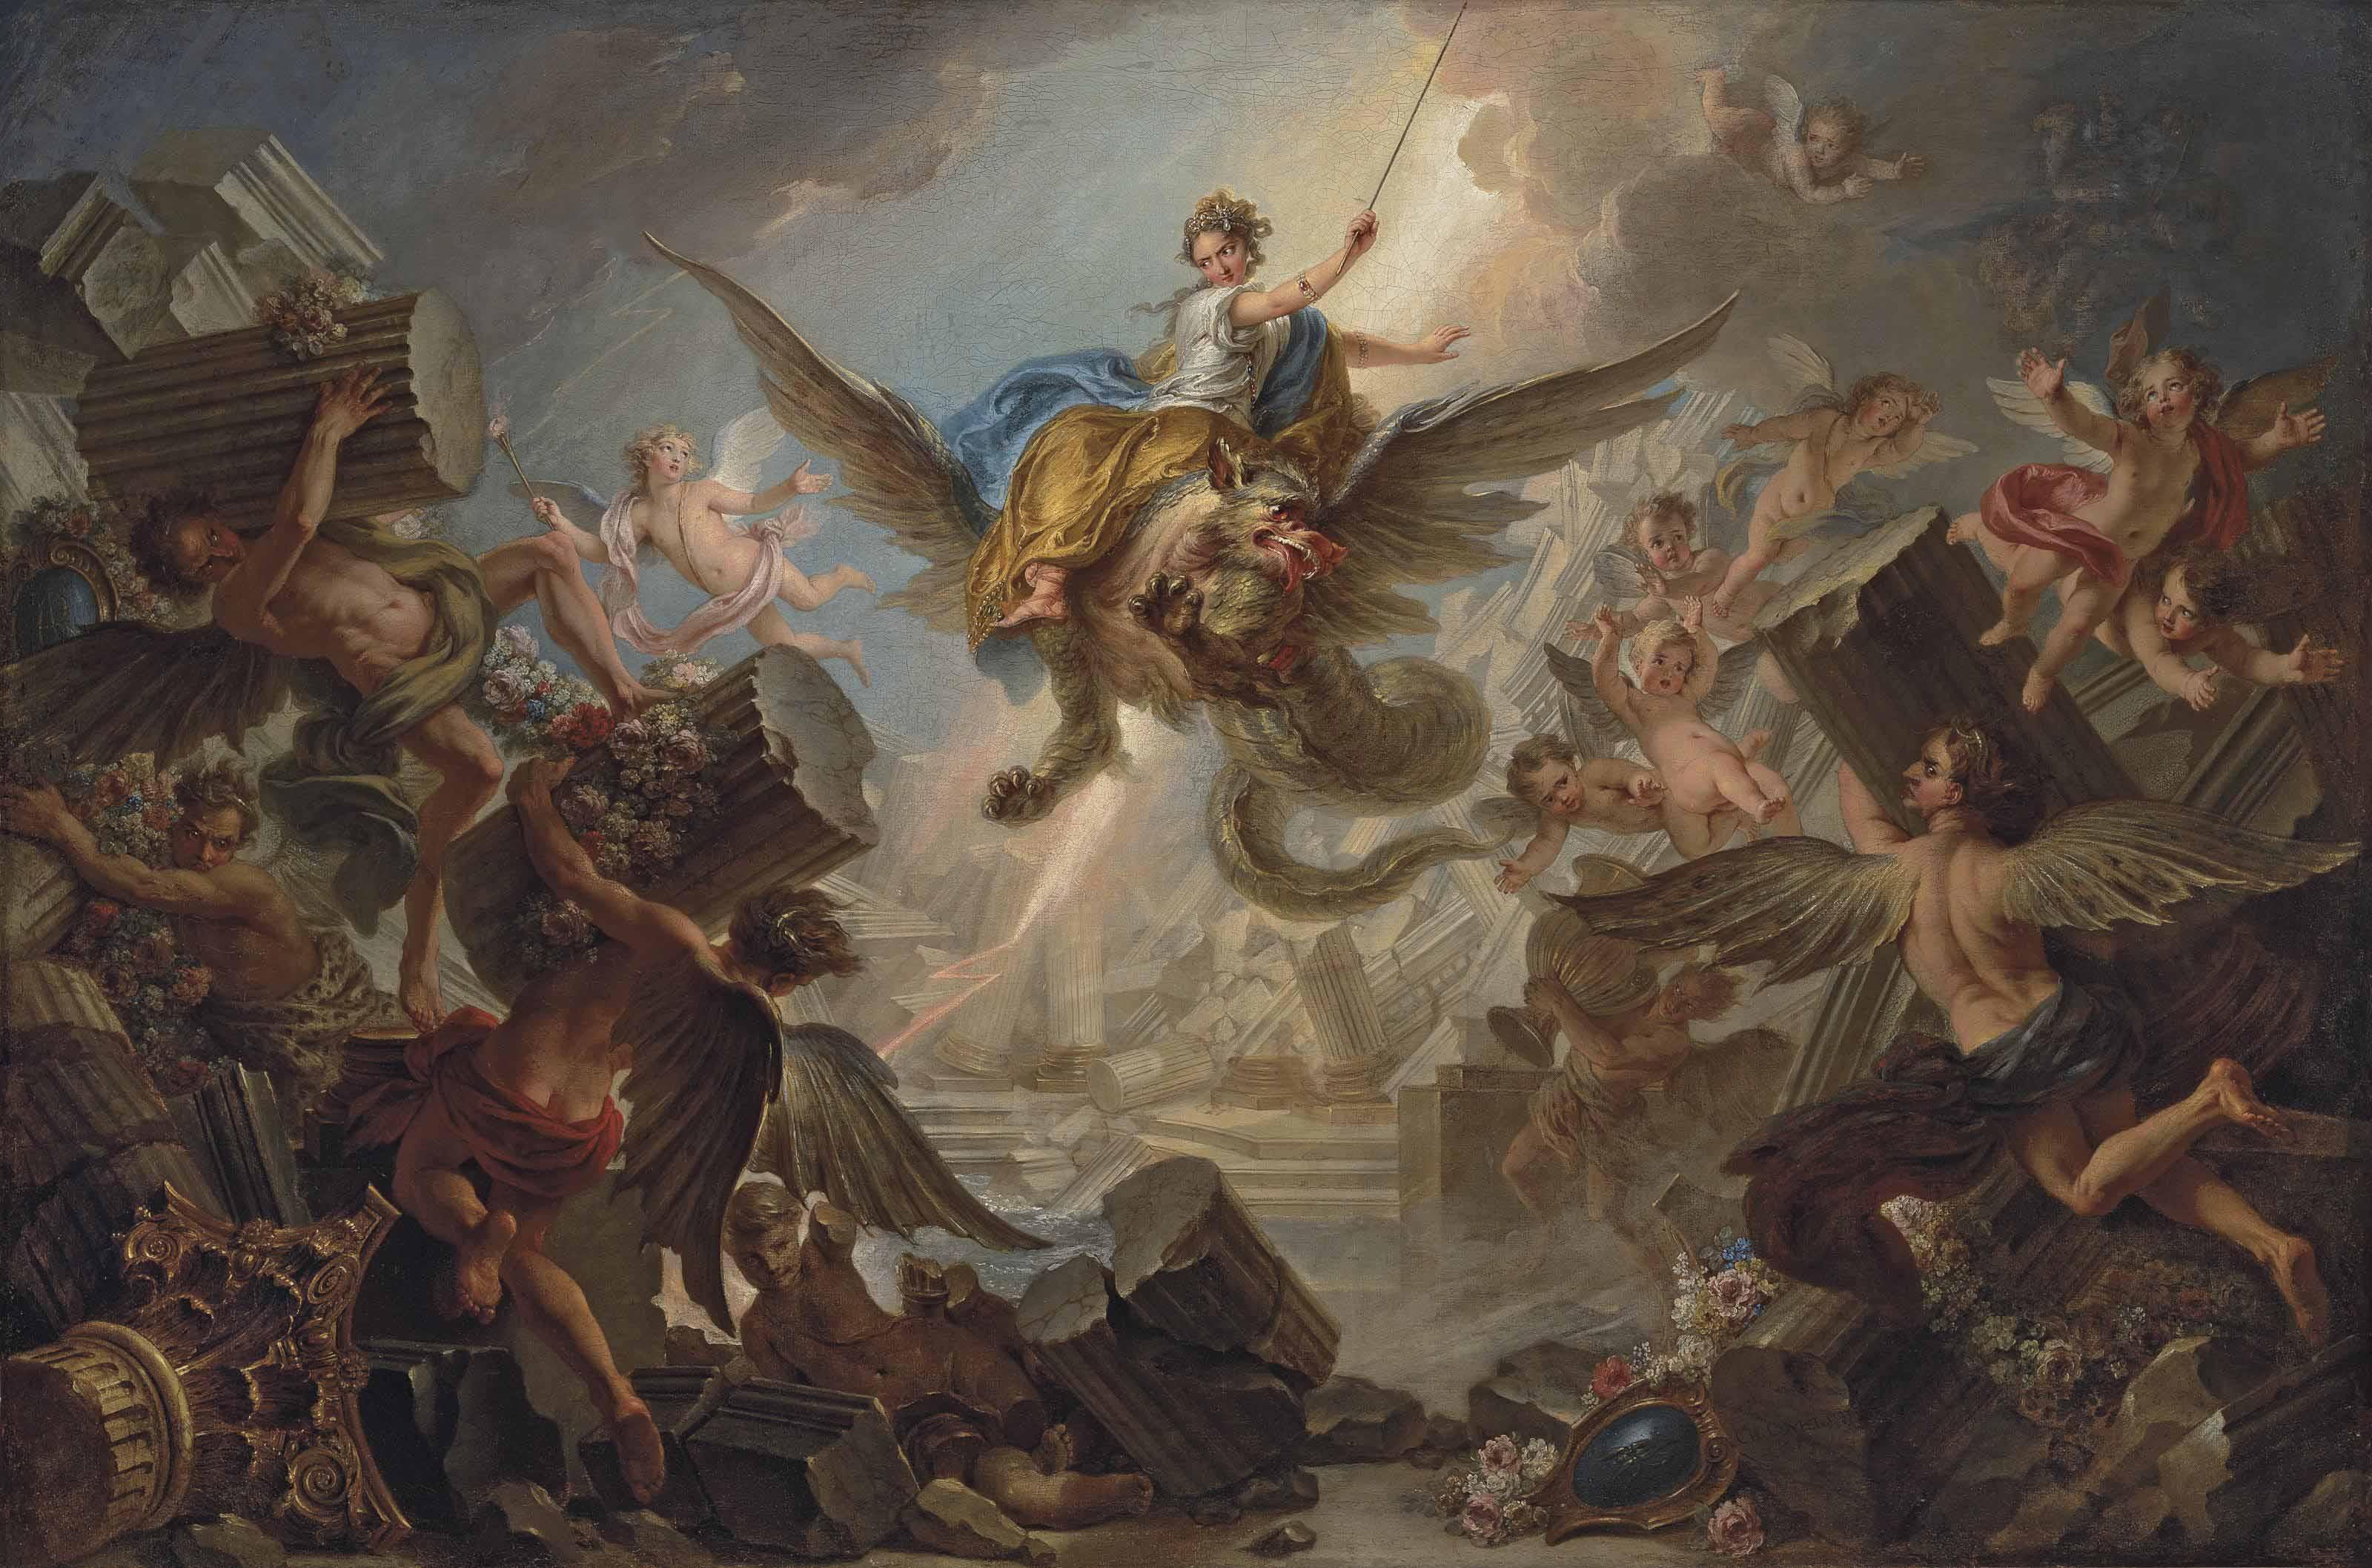 Charles-Antoine Coypel (Paris 1694-1752)